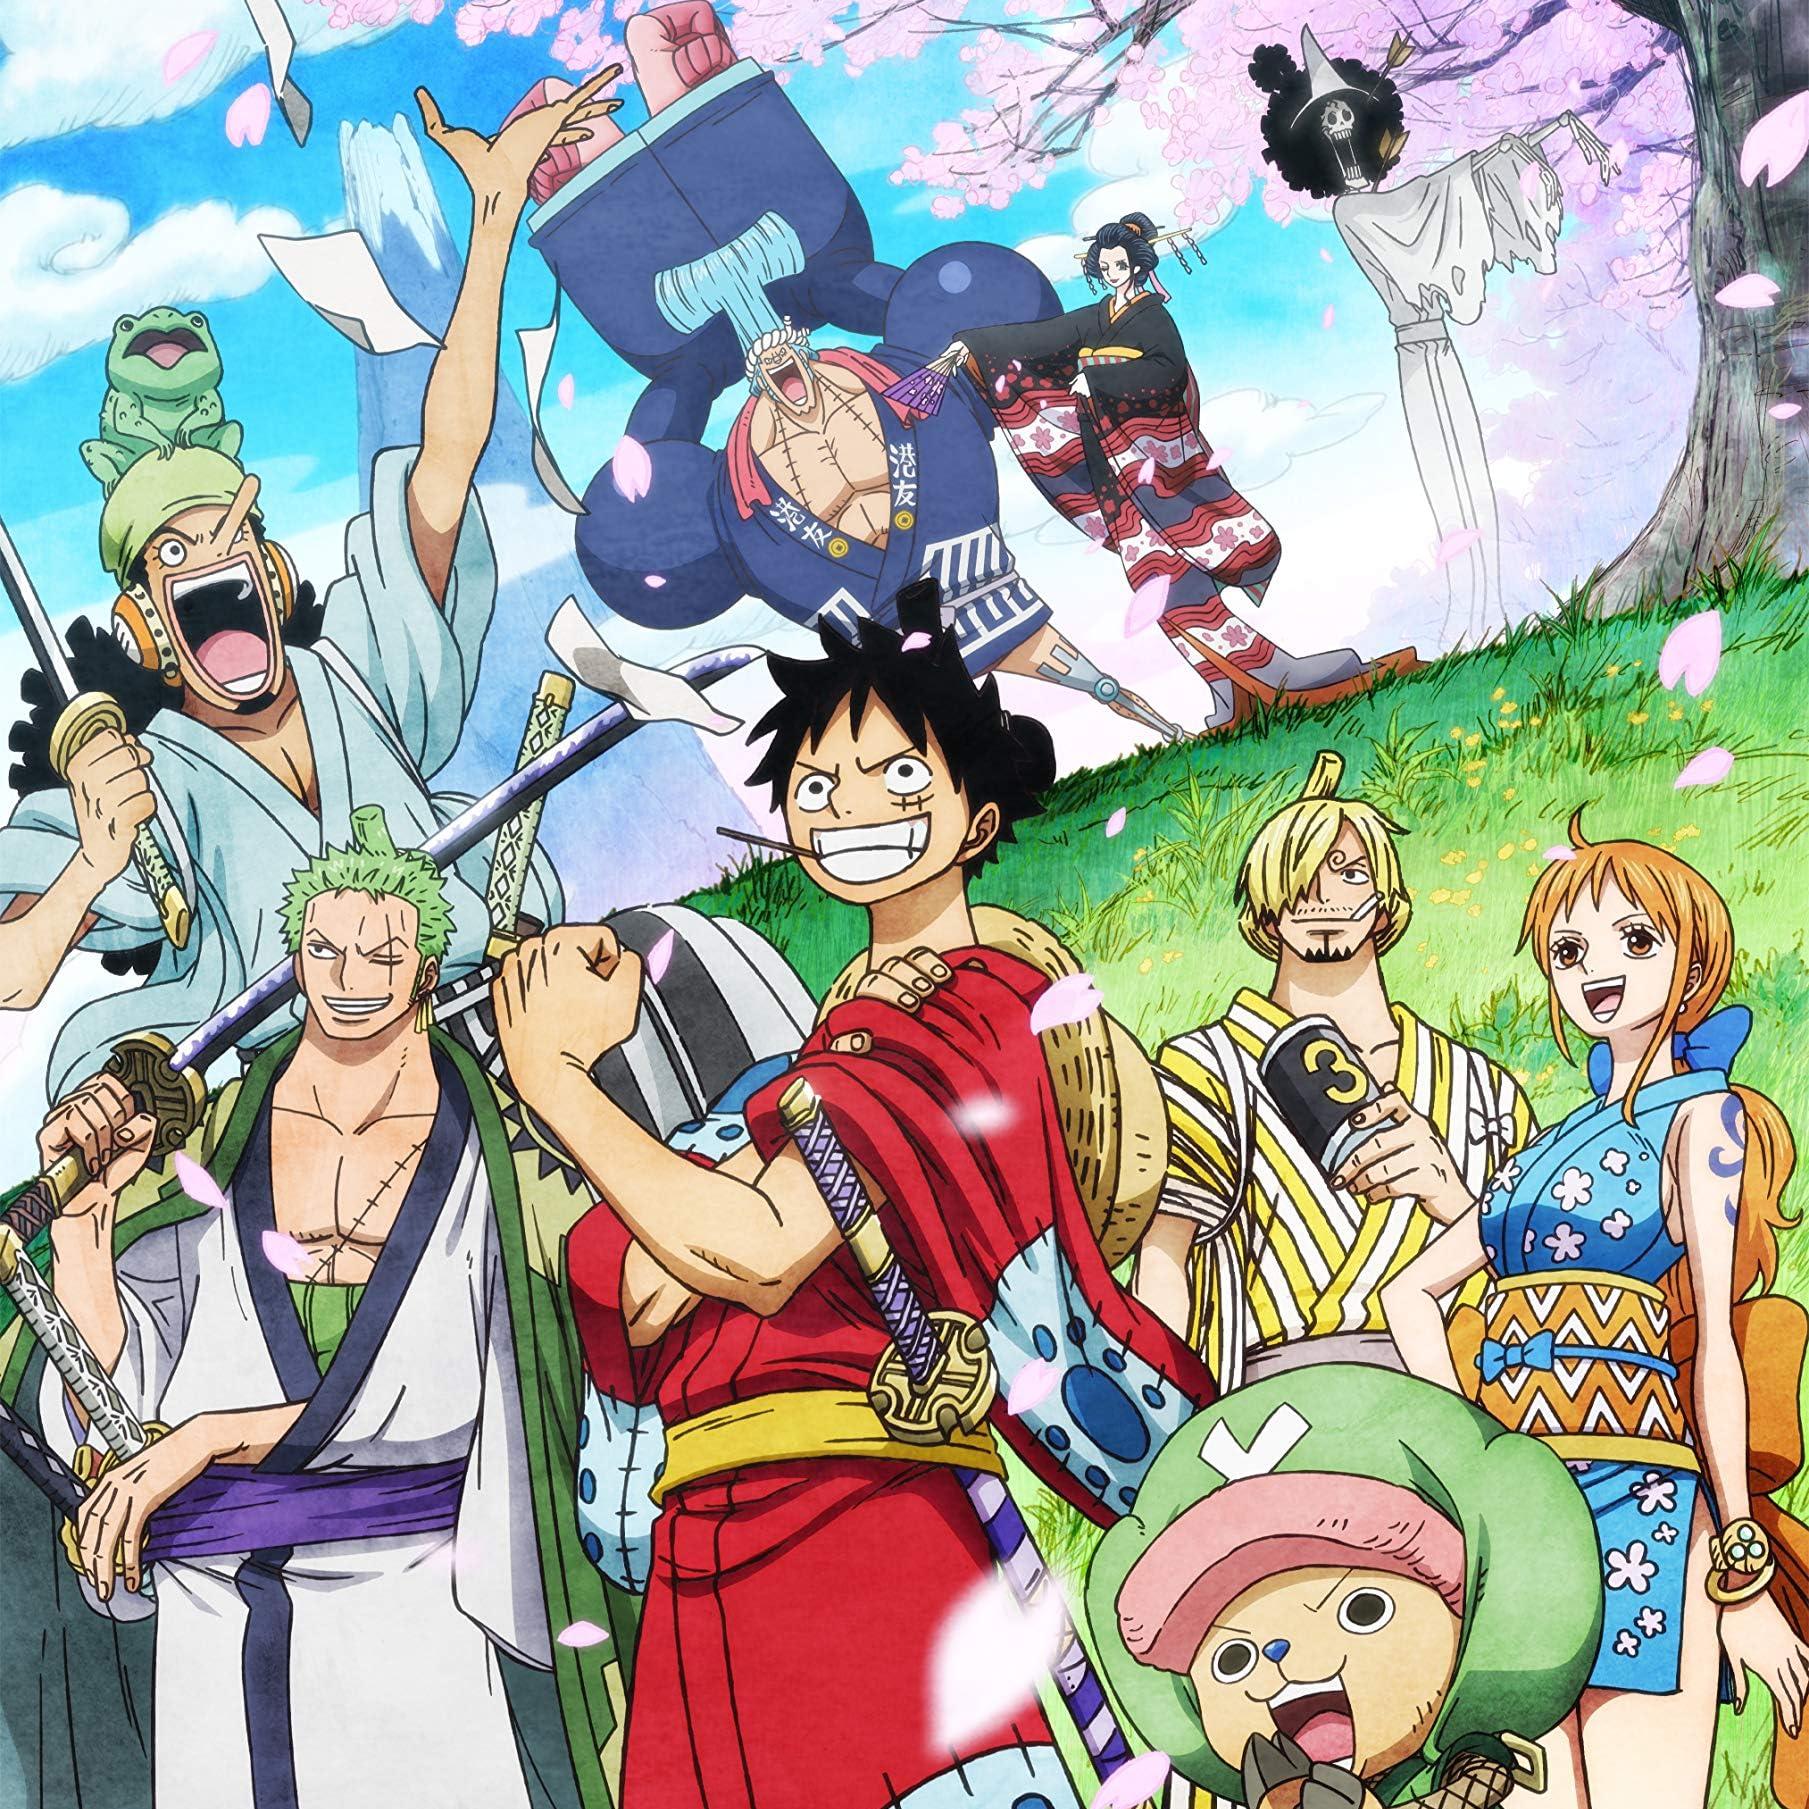 One Piece Ipad壁紙 ワノ国編 ルフィ ゾロ ナミ サンジ チョッパー